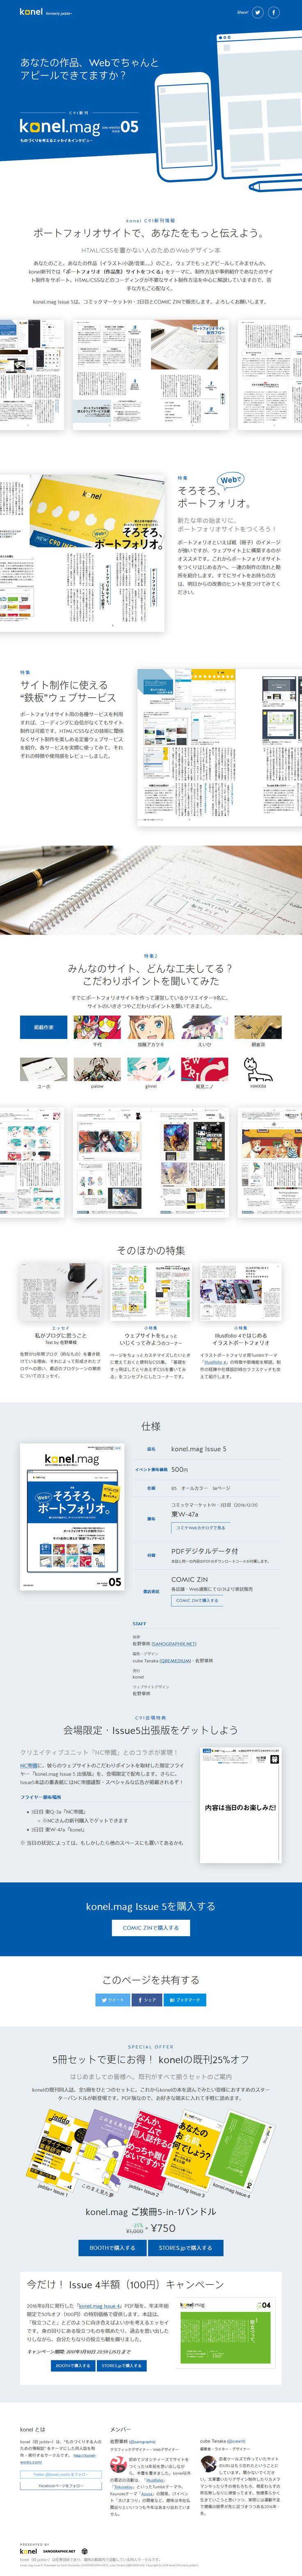 【C91新刊】あなたの作品、Webでもっとアピールしよう!「ポートフォリオサイトをつくる」を特集した同人誌 http://konel-works.com/issue5/